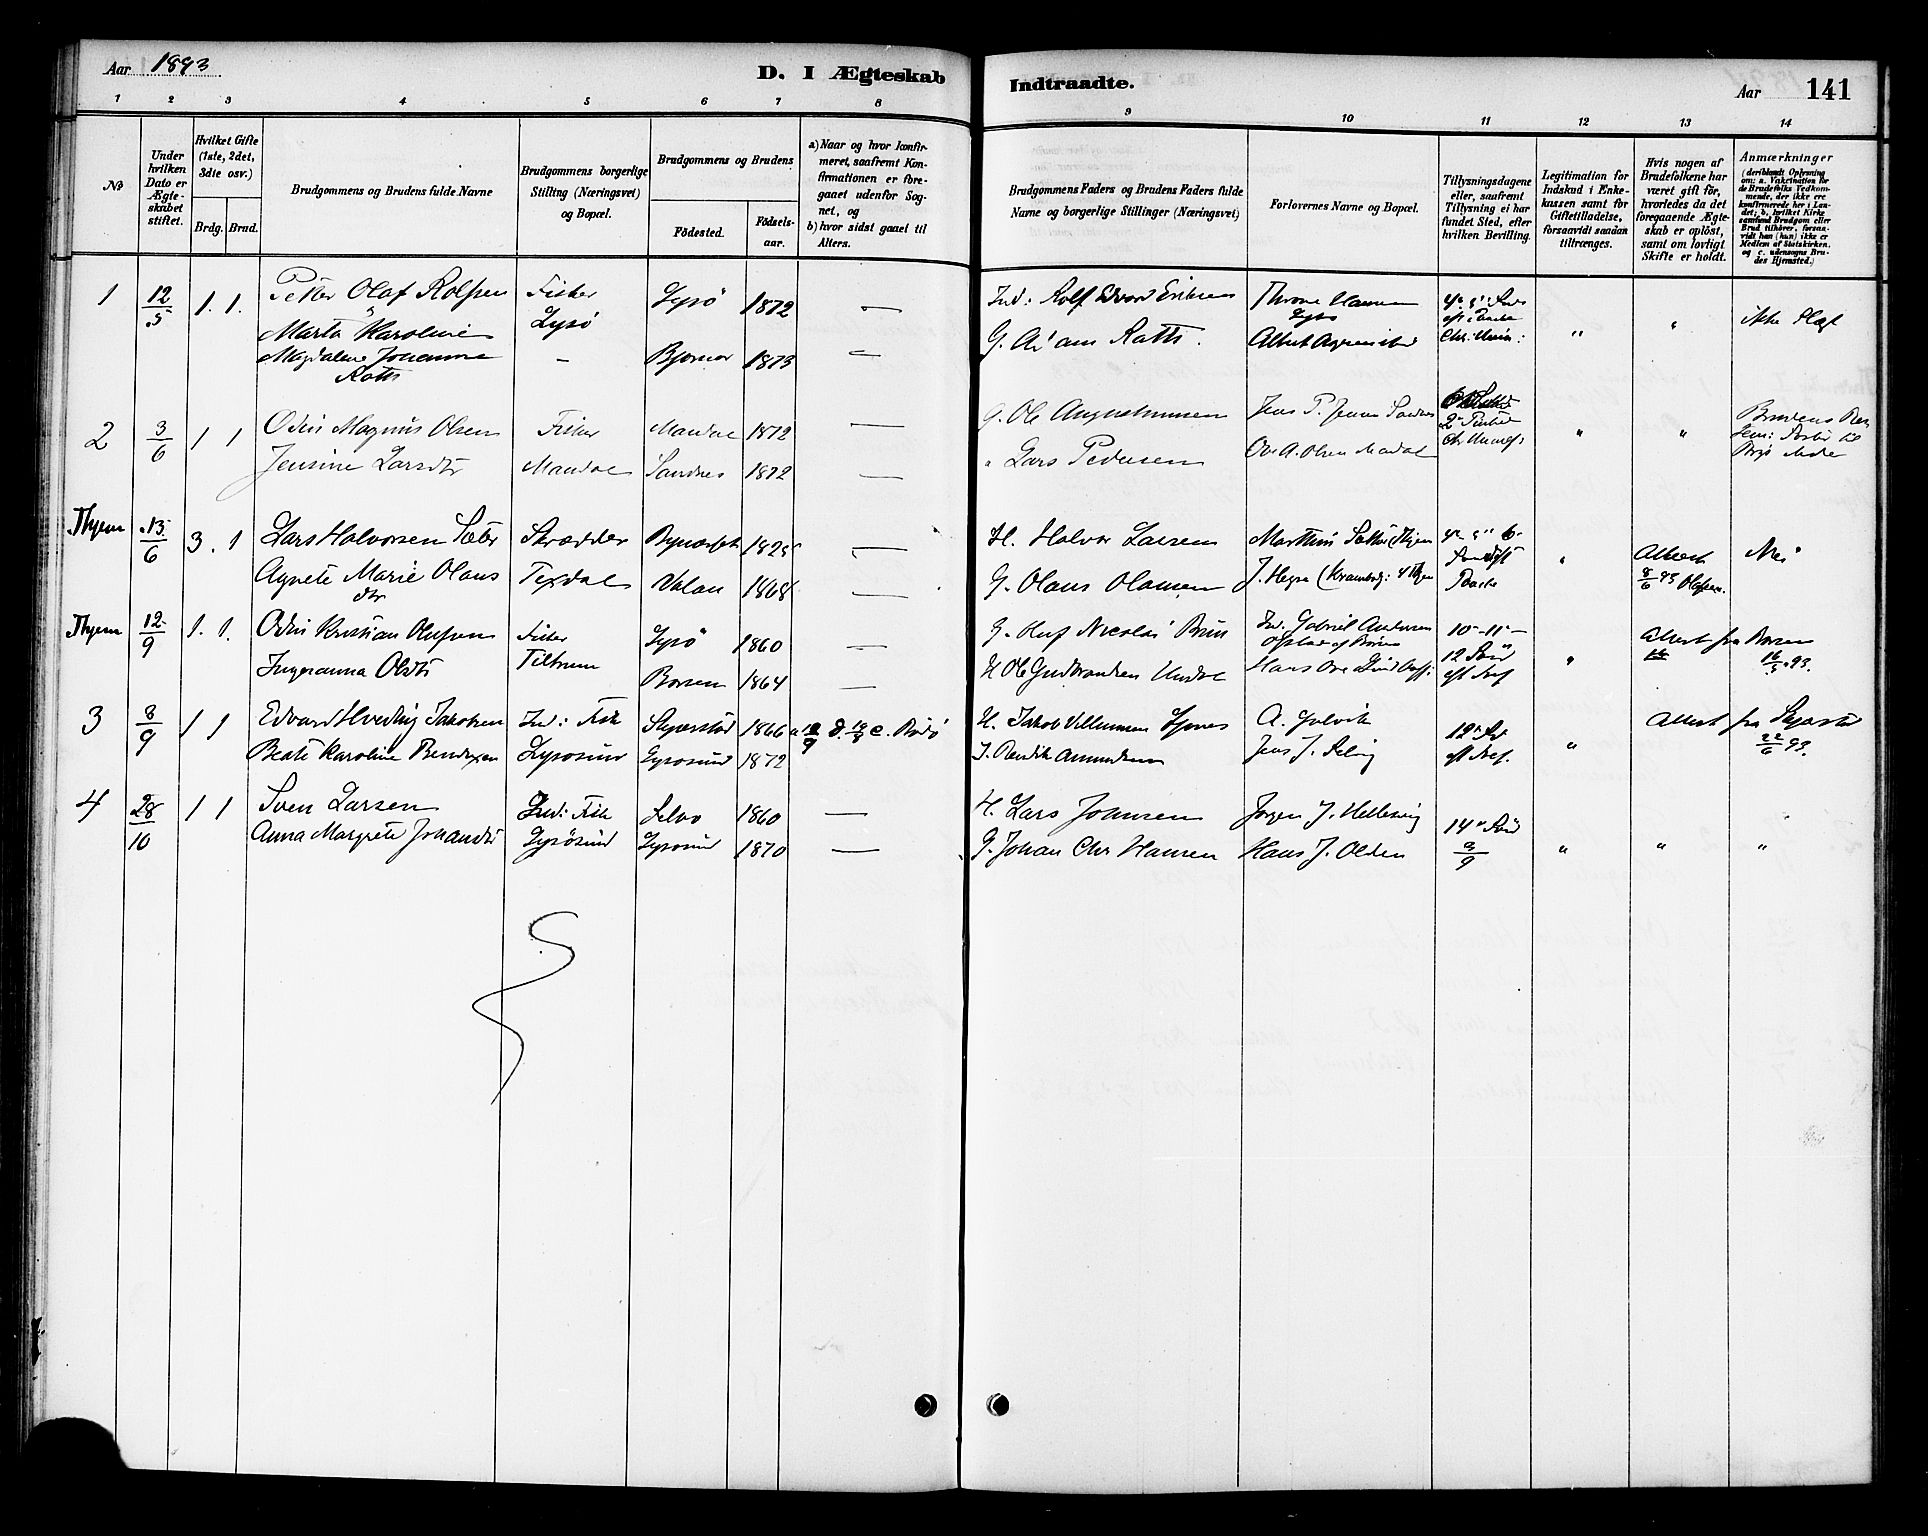 SAT, Ministerialprotokoller, klokkerbøker og fødselsregistre - Sør-Trøndelag, 654/L0663: Ministerialbok nr. 654A01, 1880-1894, s. 141